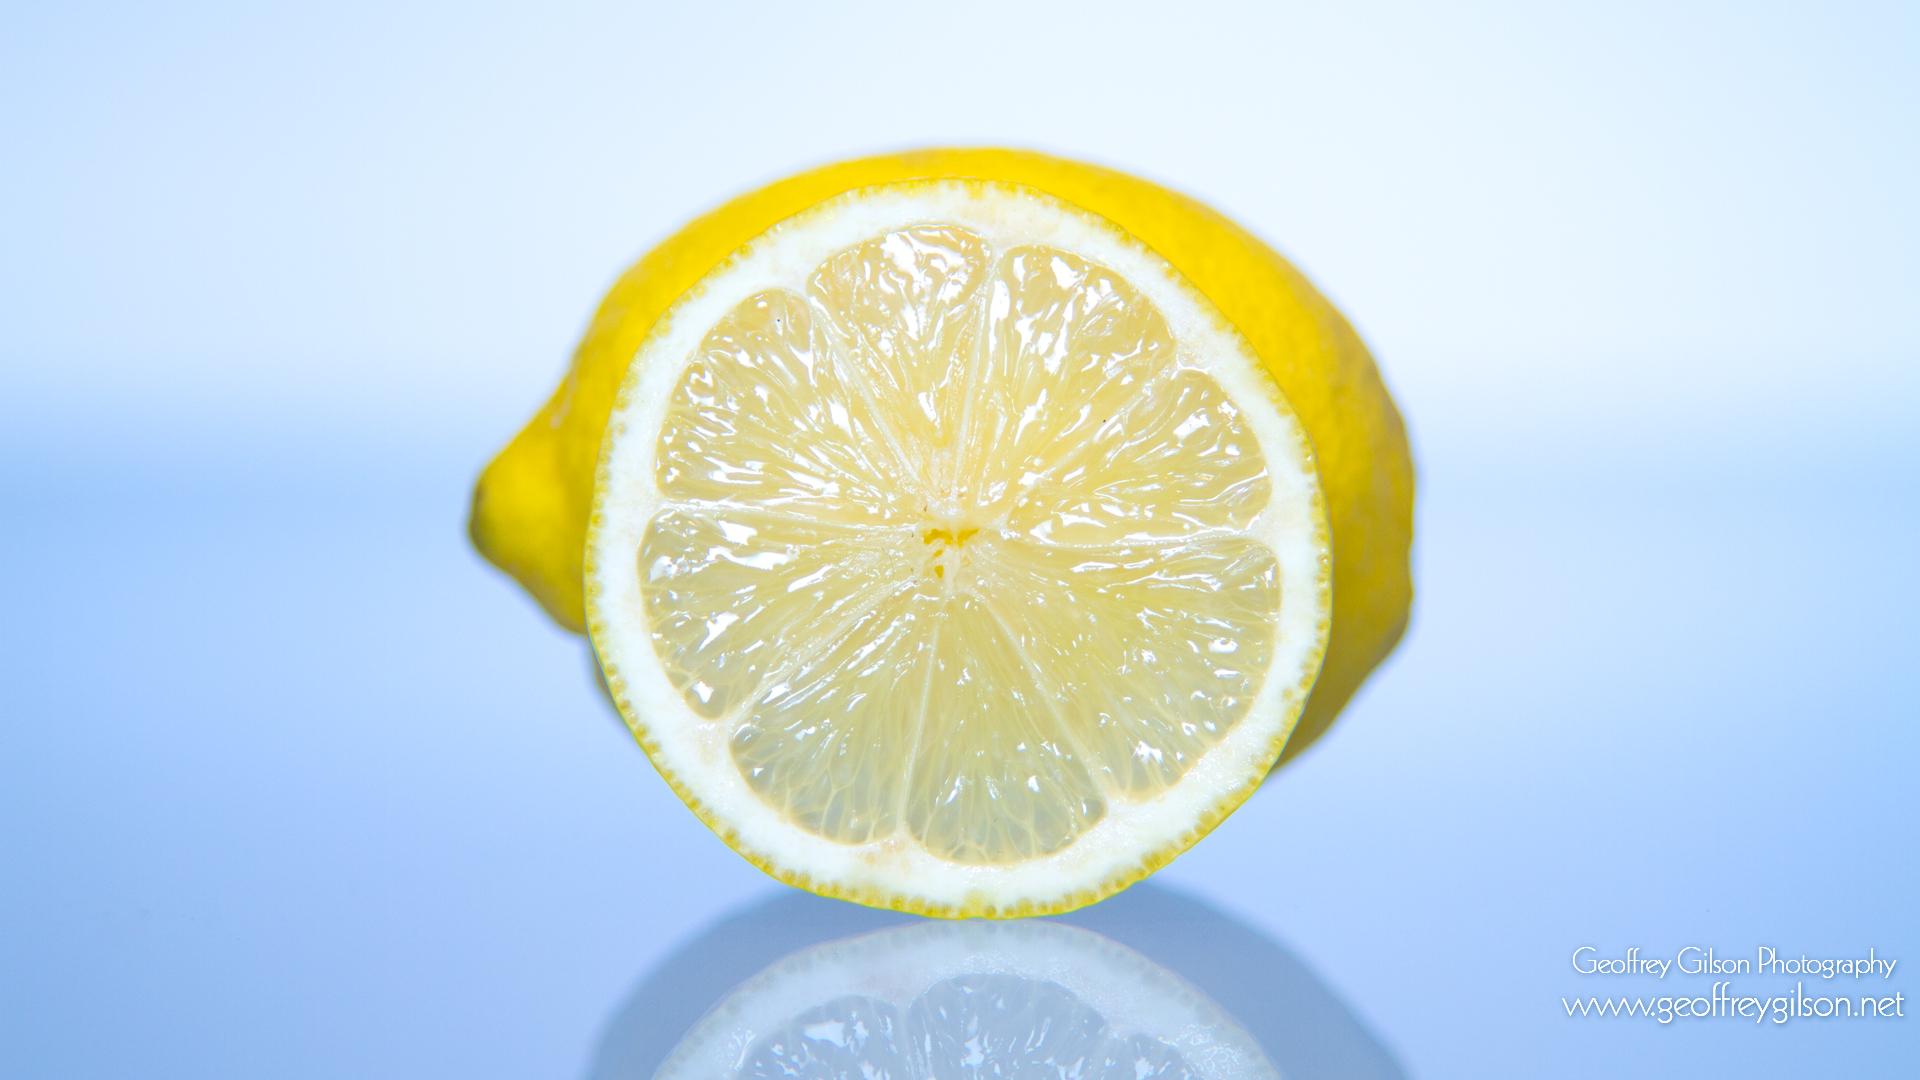 Lemon wallpaper - 360195